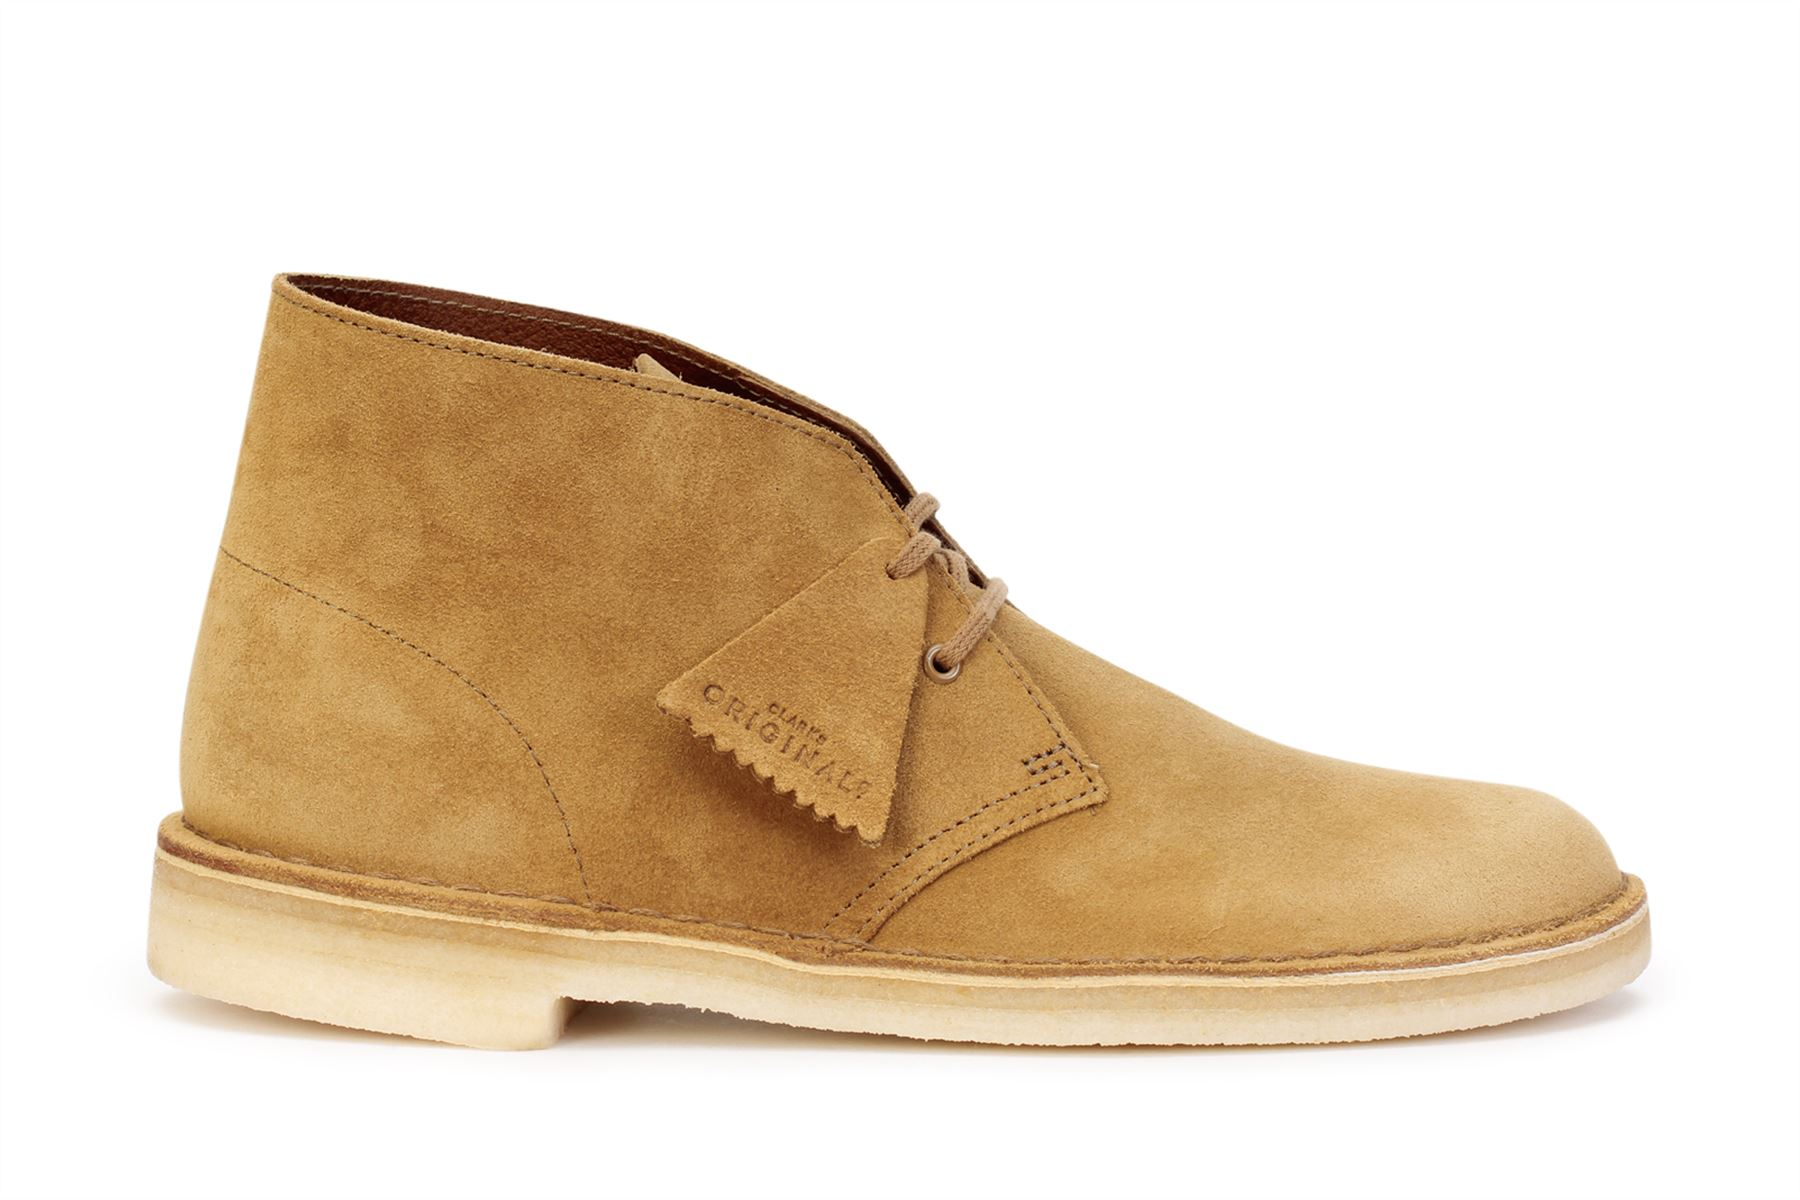 a359ec7e Details about Clarks Originals Men's Desert Boots Oak Suede 26138233